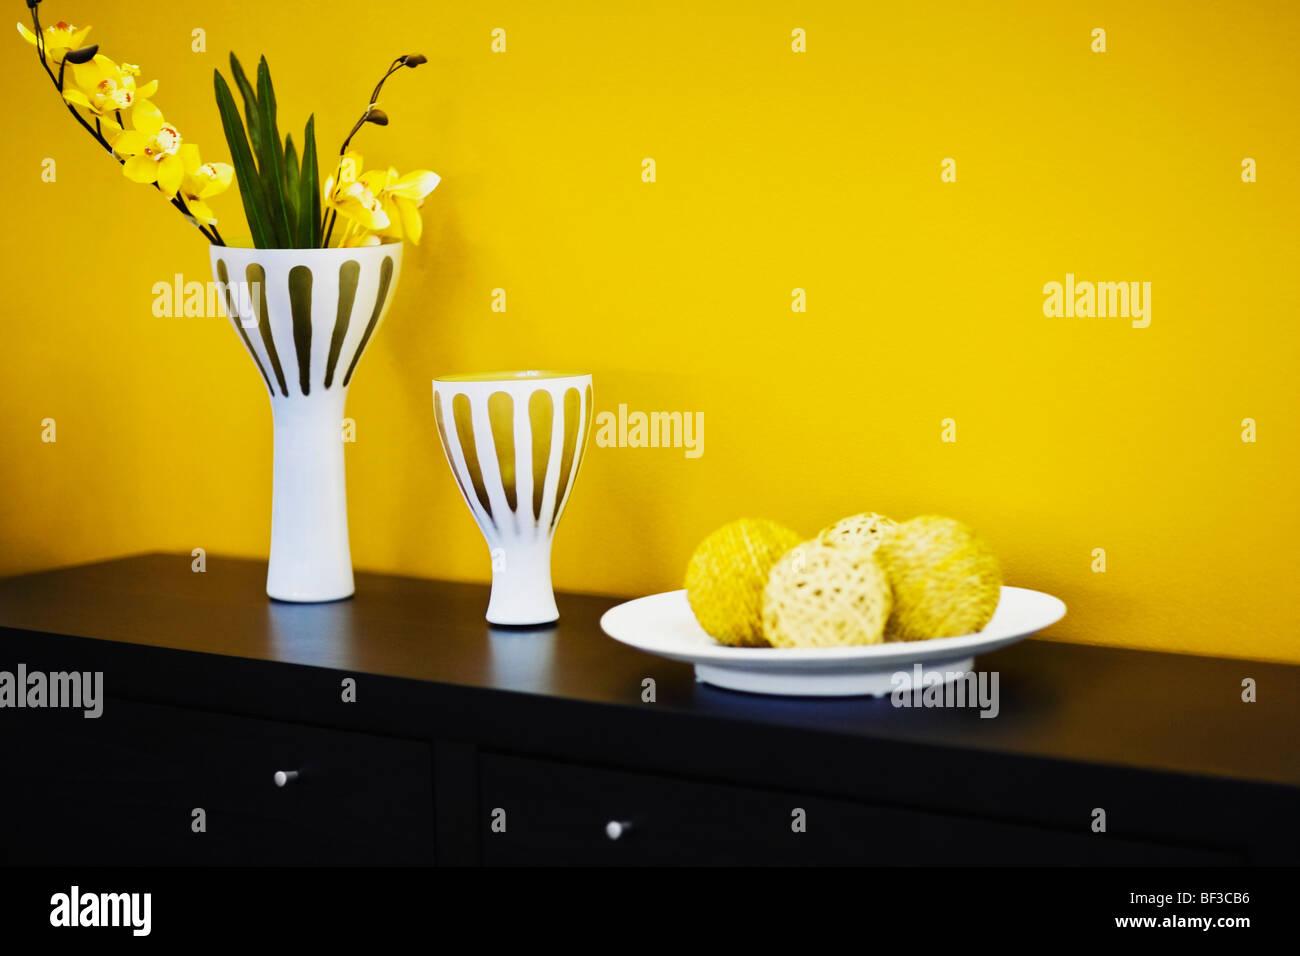 Decorative Vases Stock Photos & Decorative Vases Stock Images - Alamy